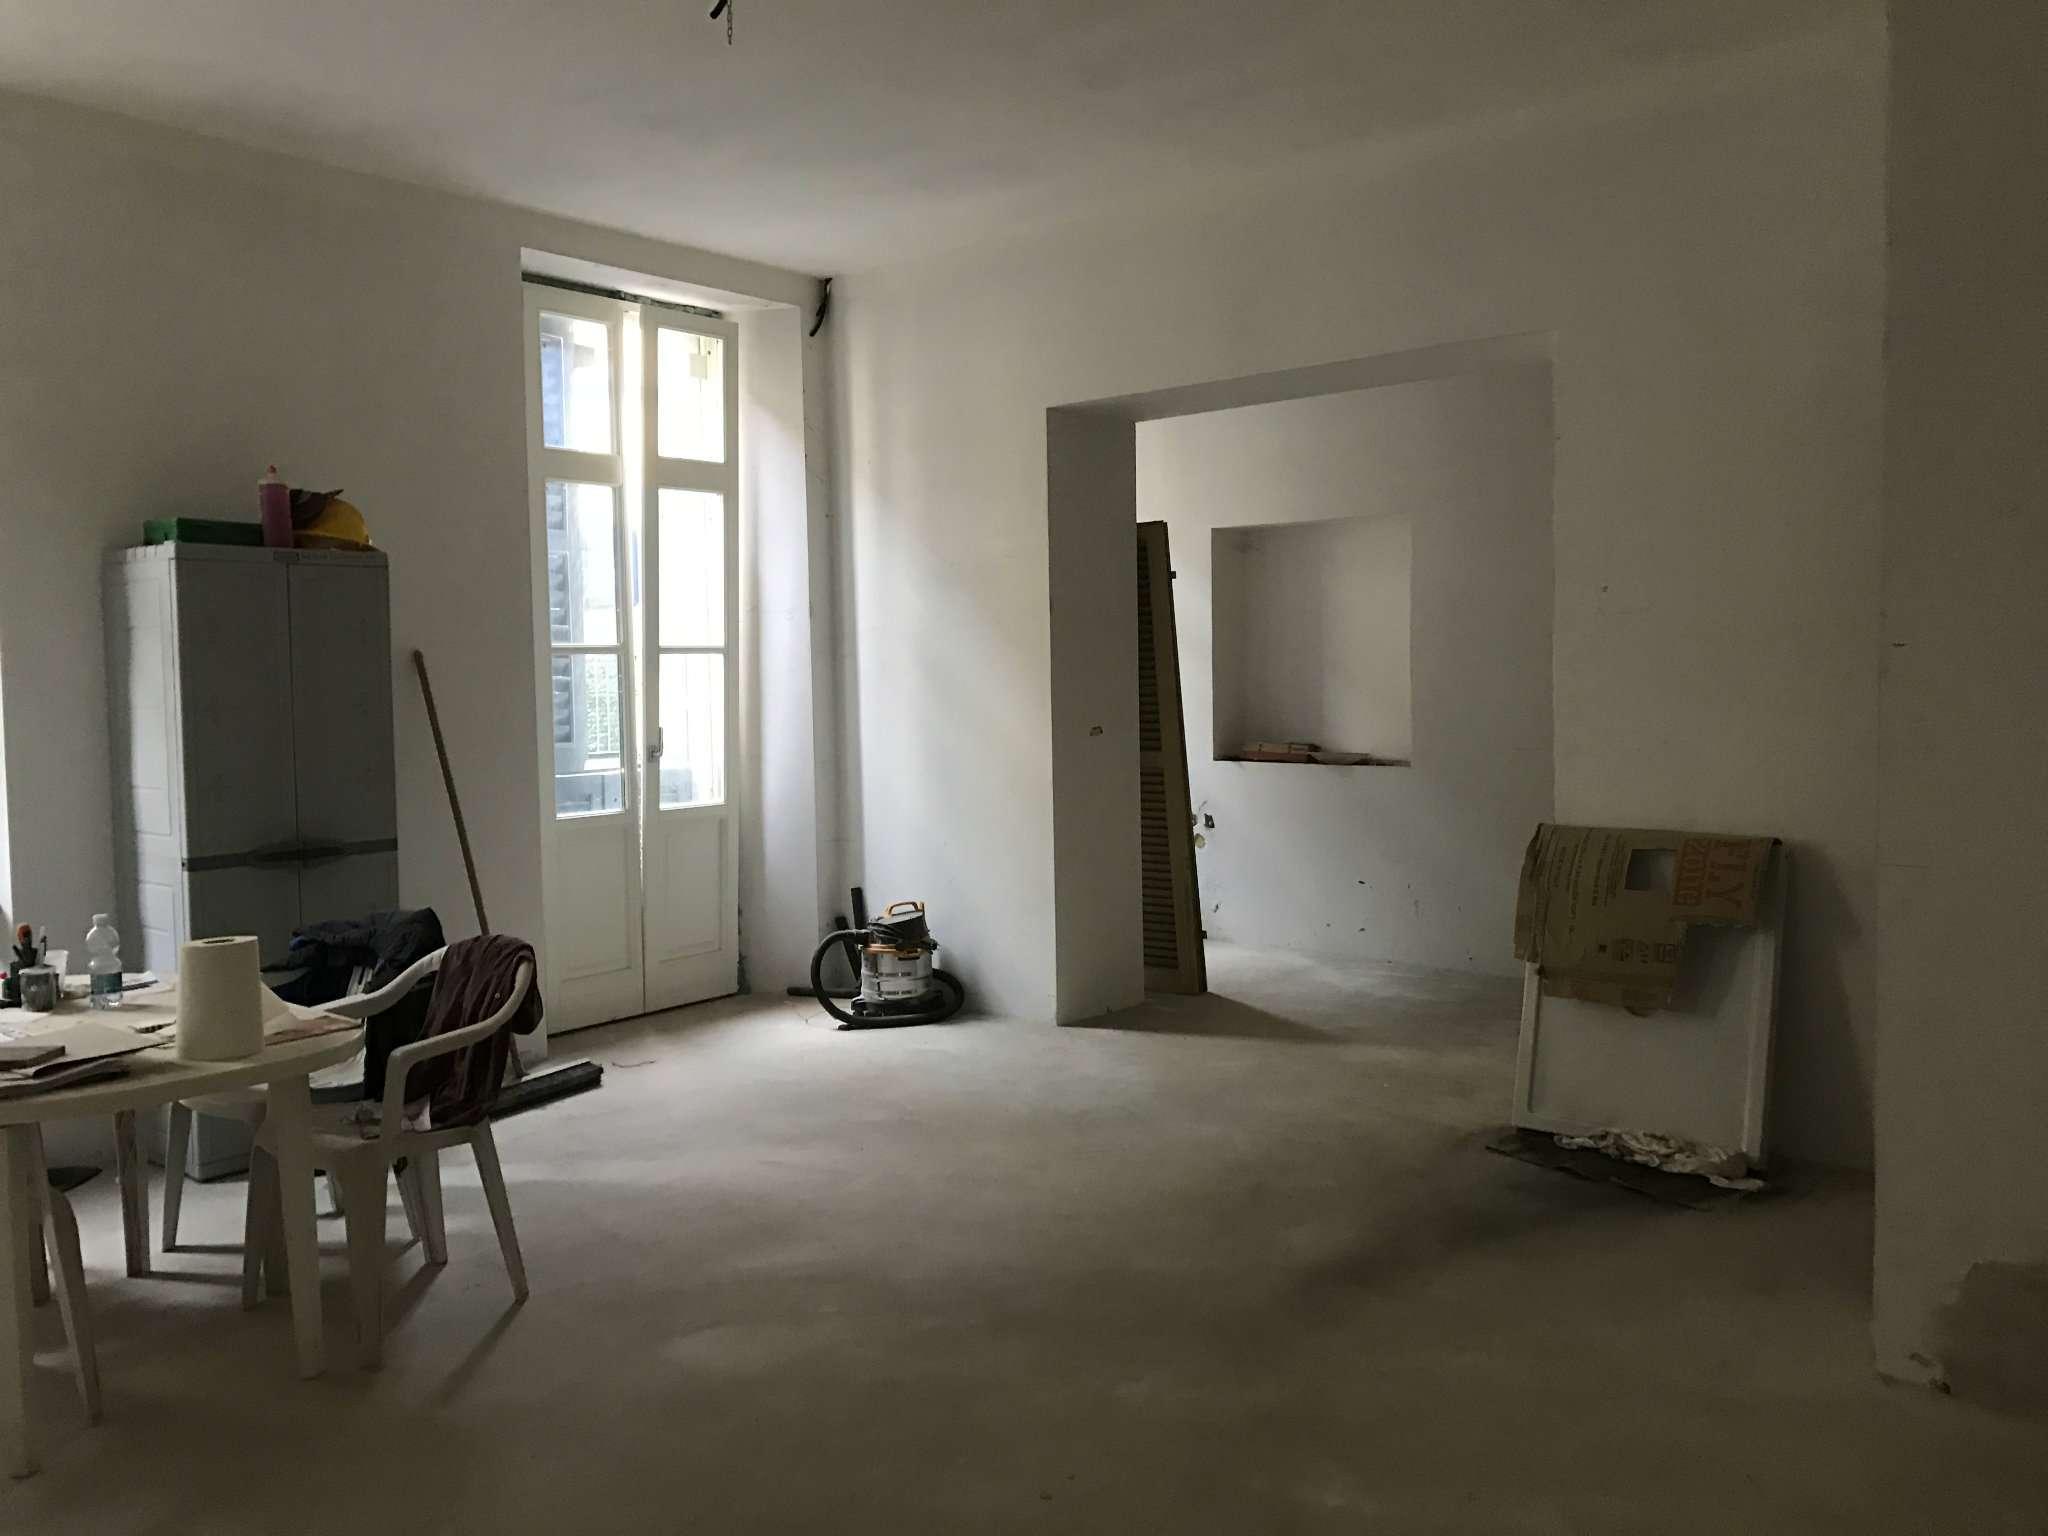 Appartamento in vendita a Bra, 2 locali, prezzo € 155.000 | Cambio Casa.it